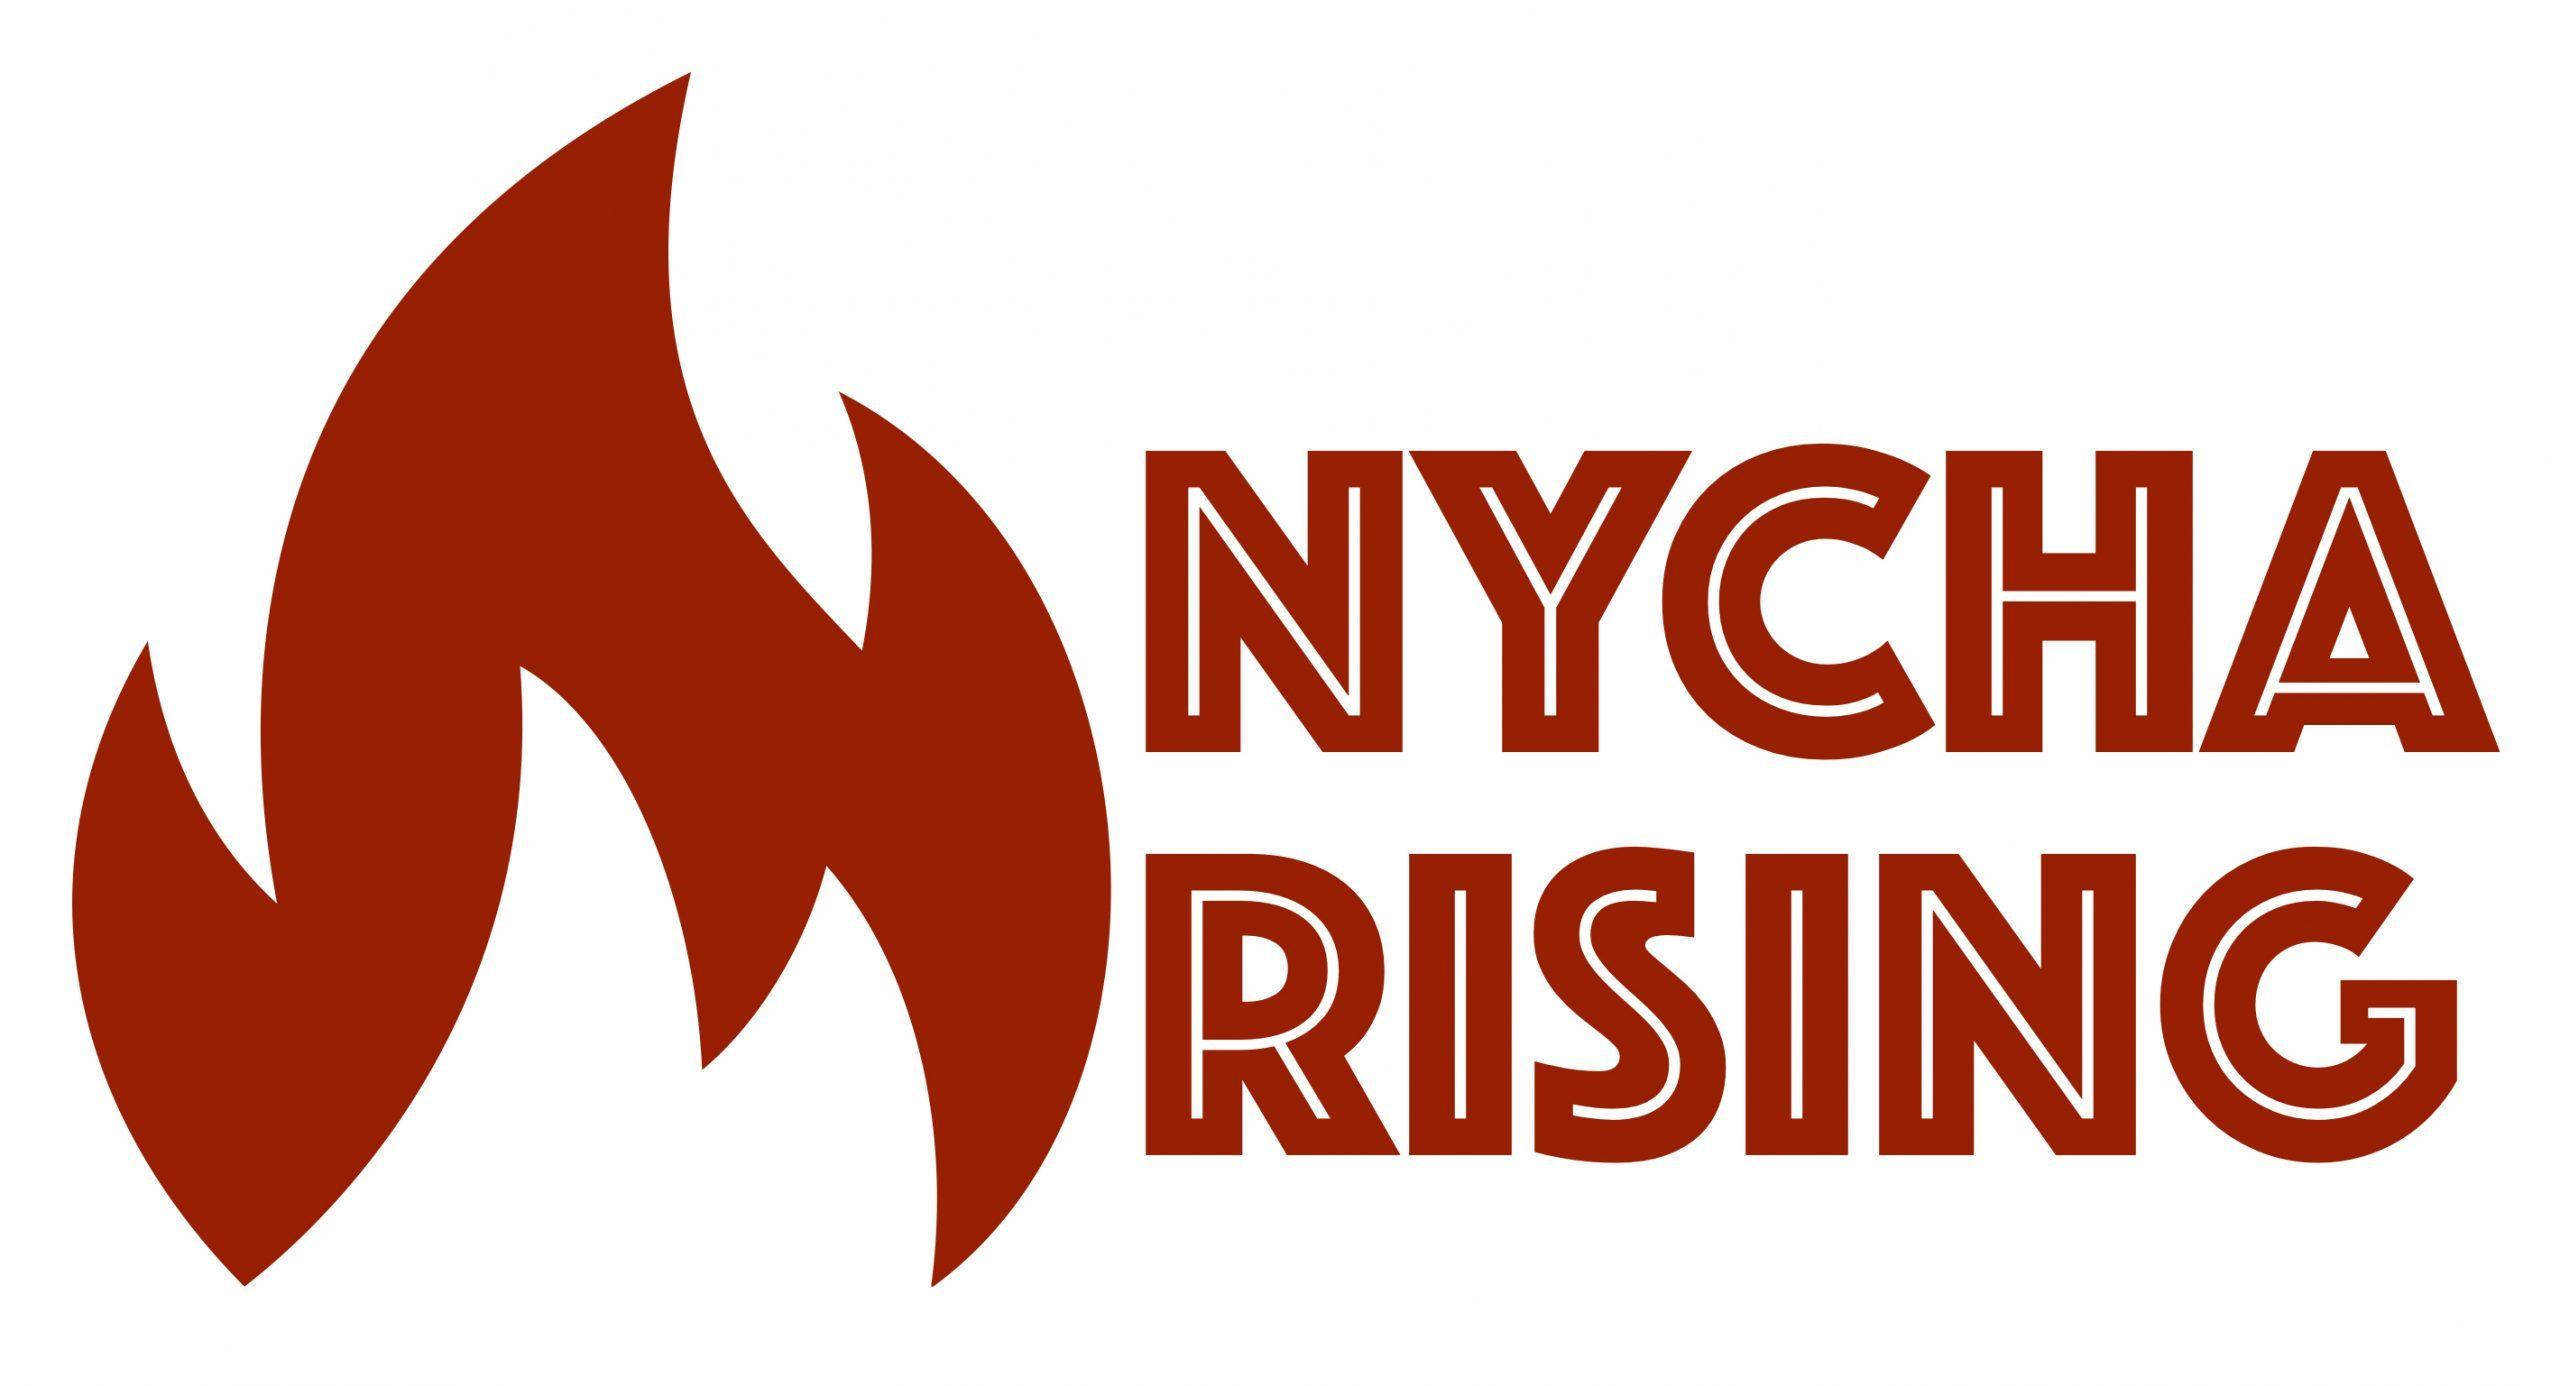 NYCHA Rising